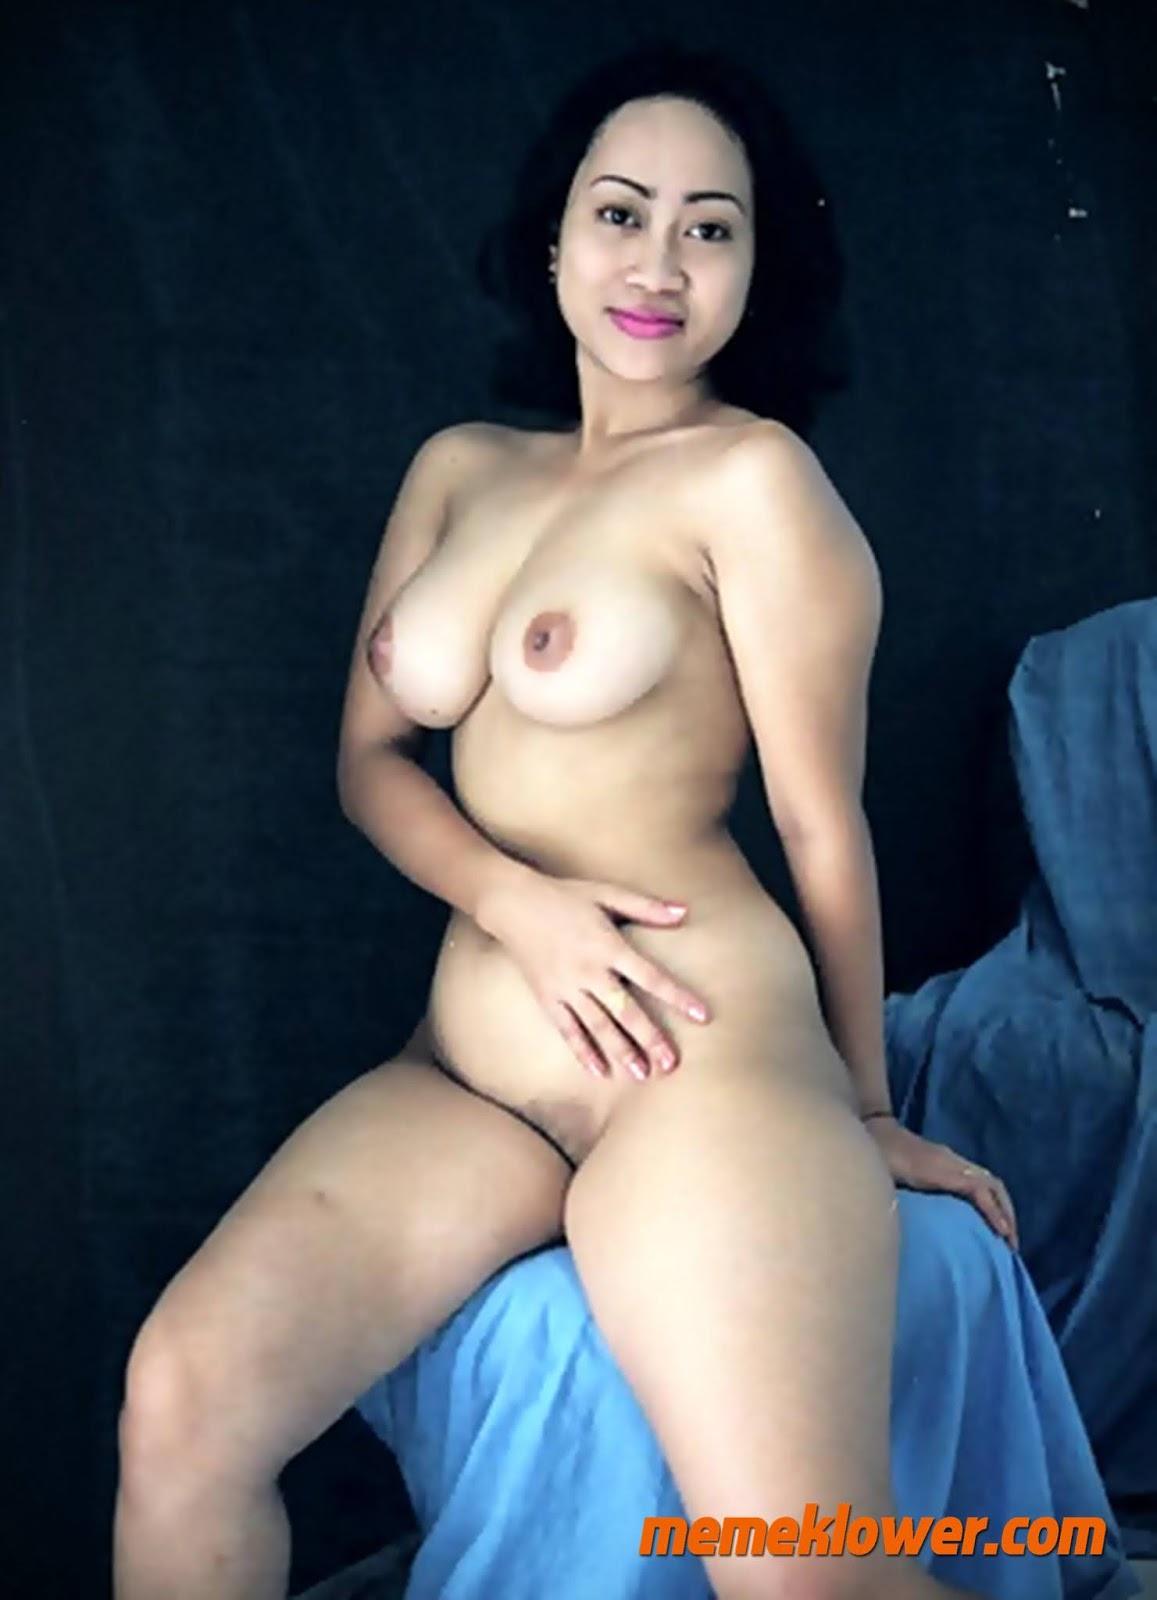 foto-bugil-tante-cantik-bohay-telanjang